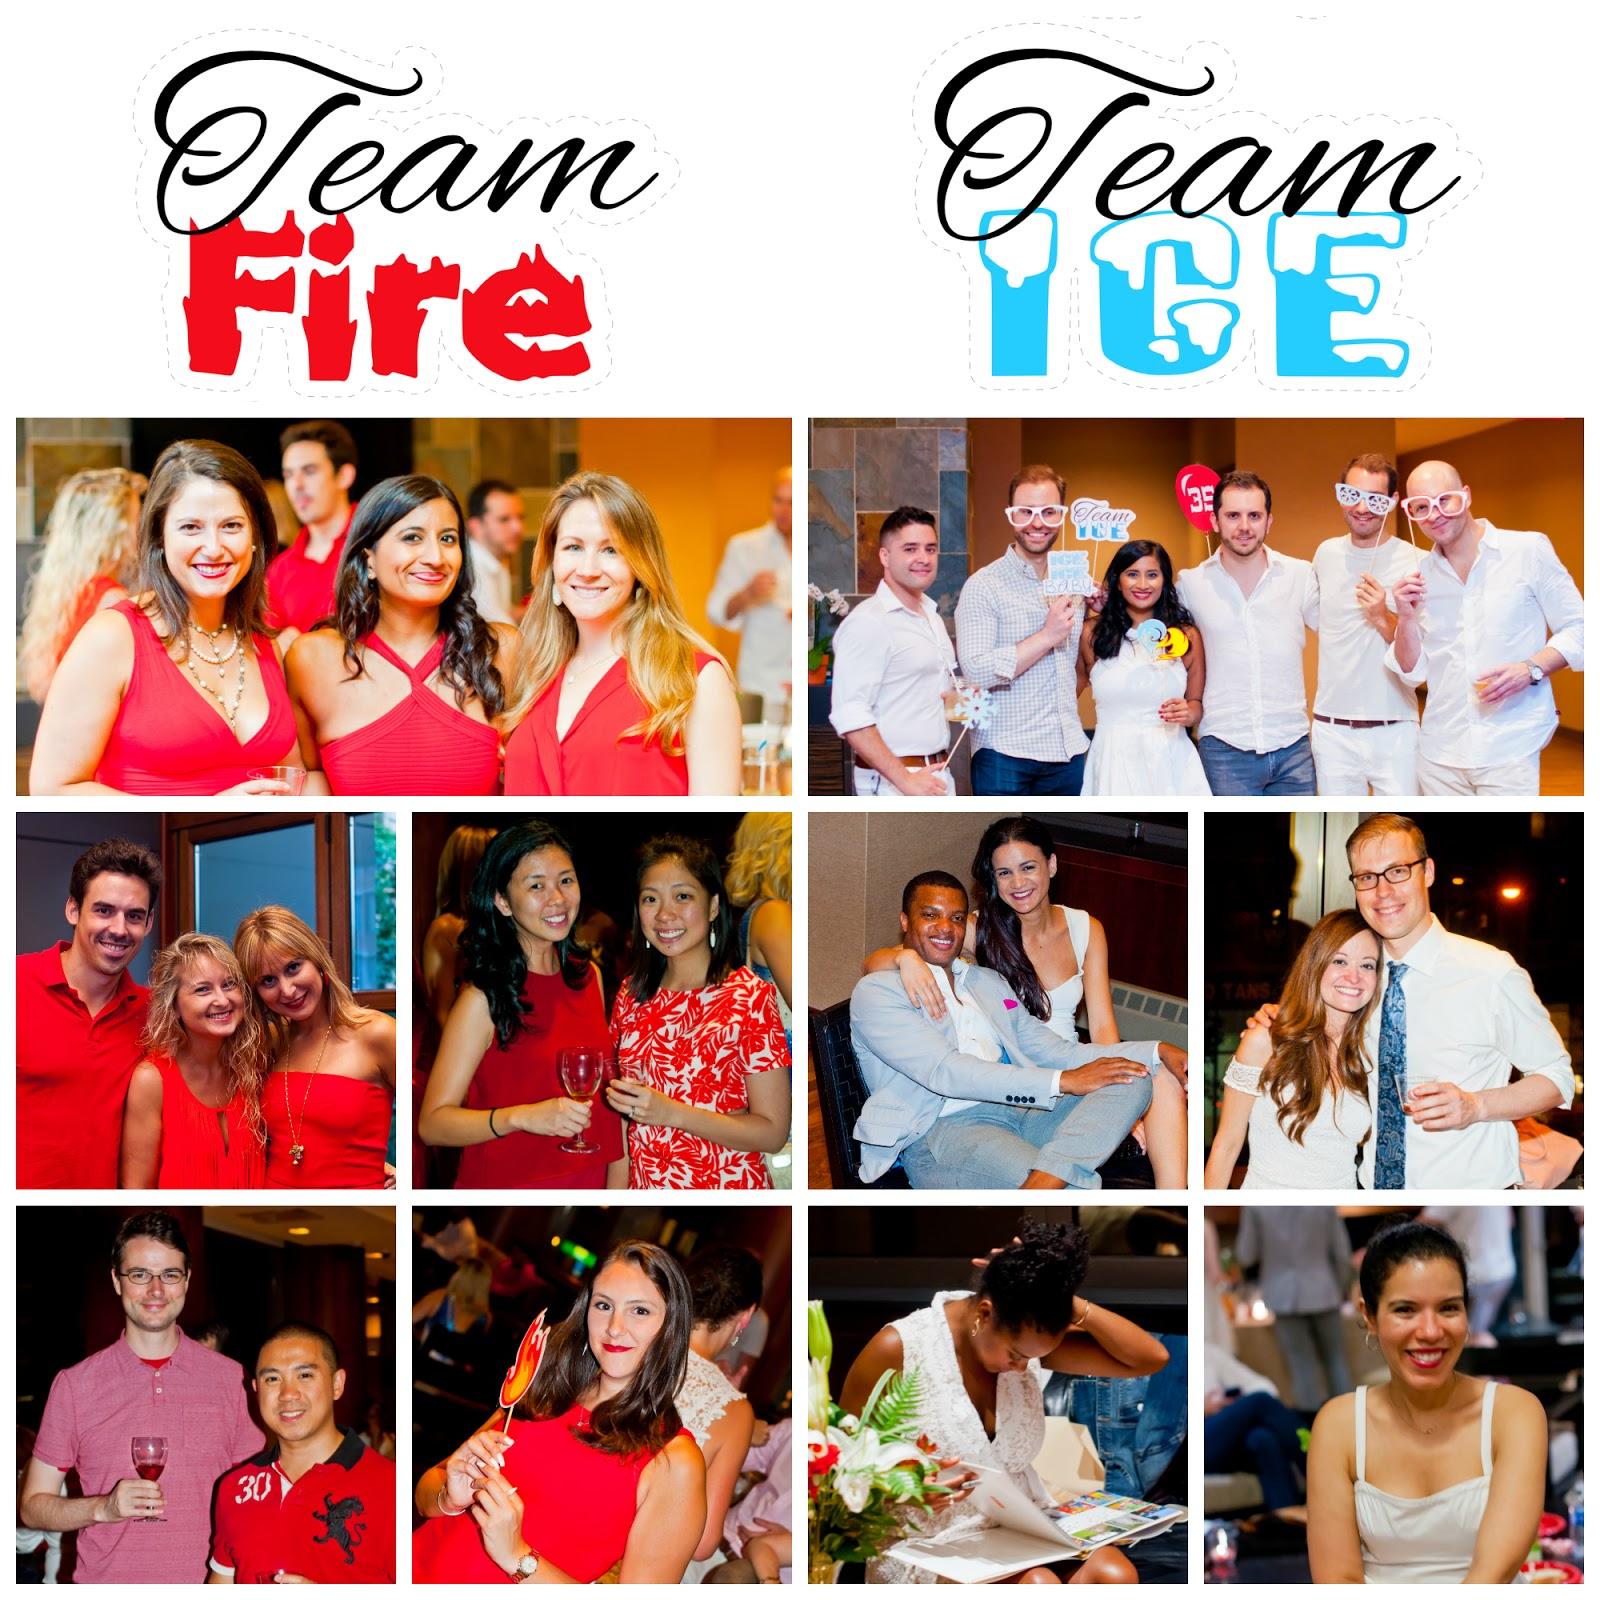 Team%2BFire%2BTeam%2BIce